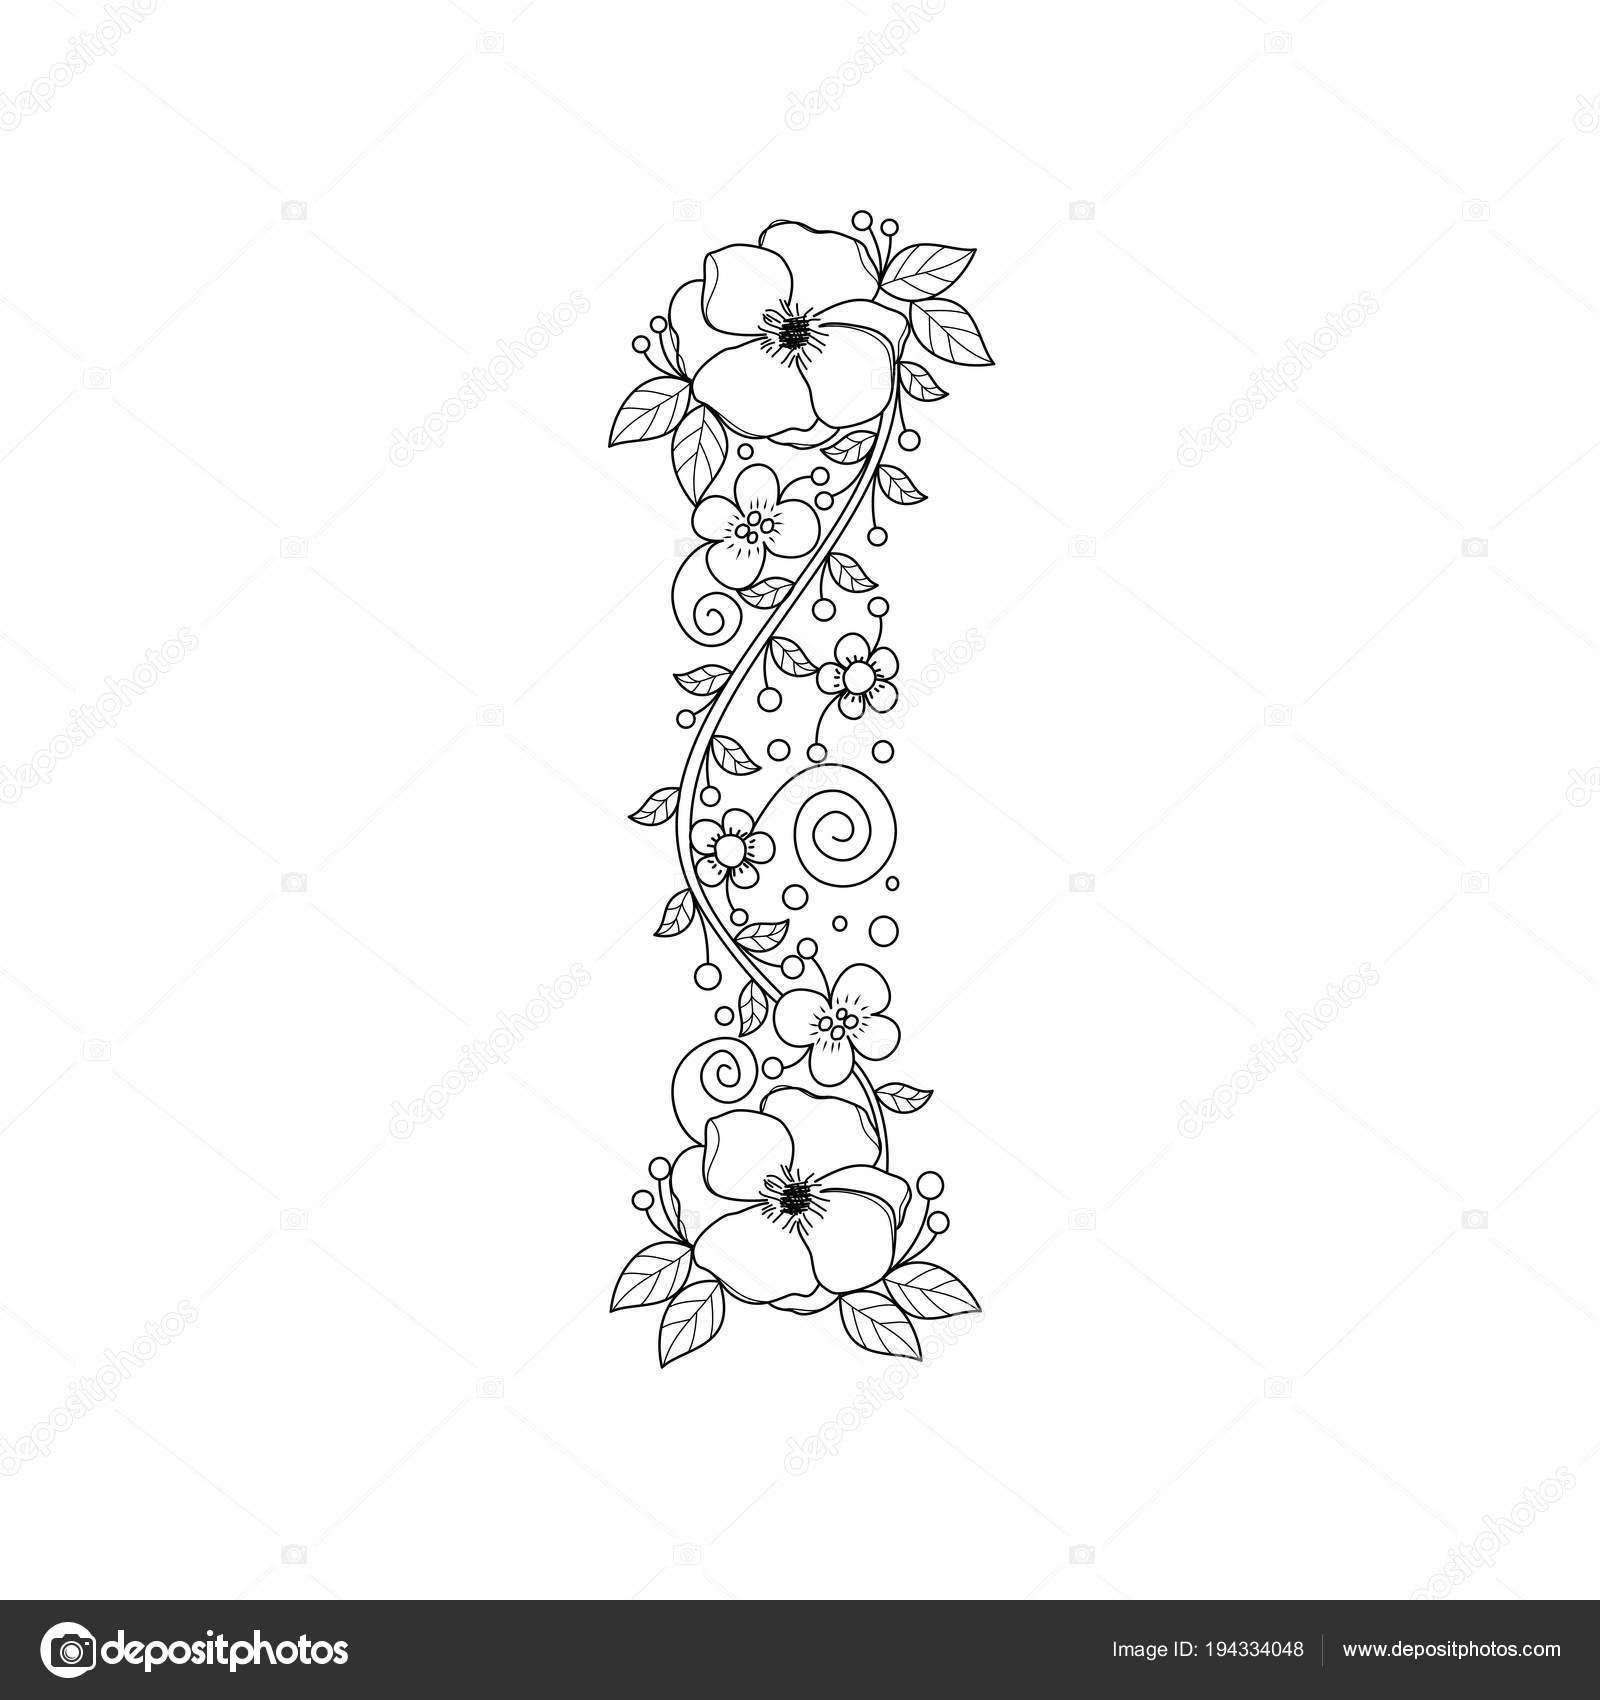 çiçekli Alfabe Harf Boyama Kitabı Yetişkinler Için Vektör çizim Elle